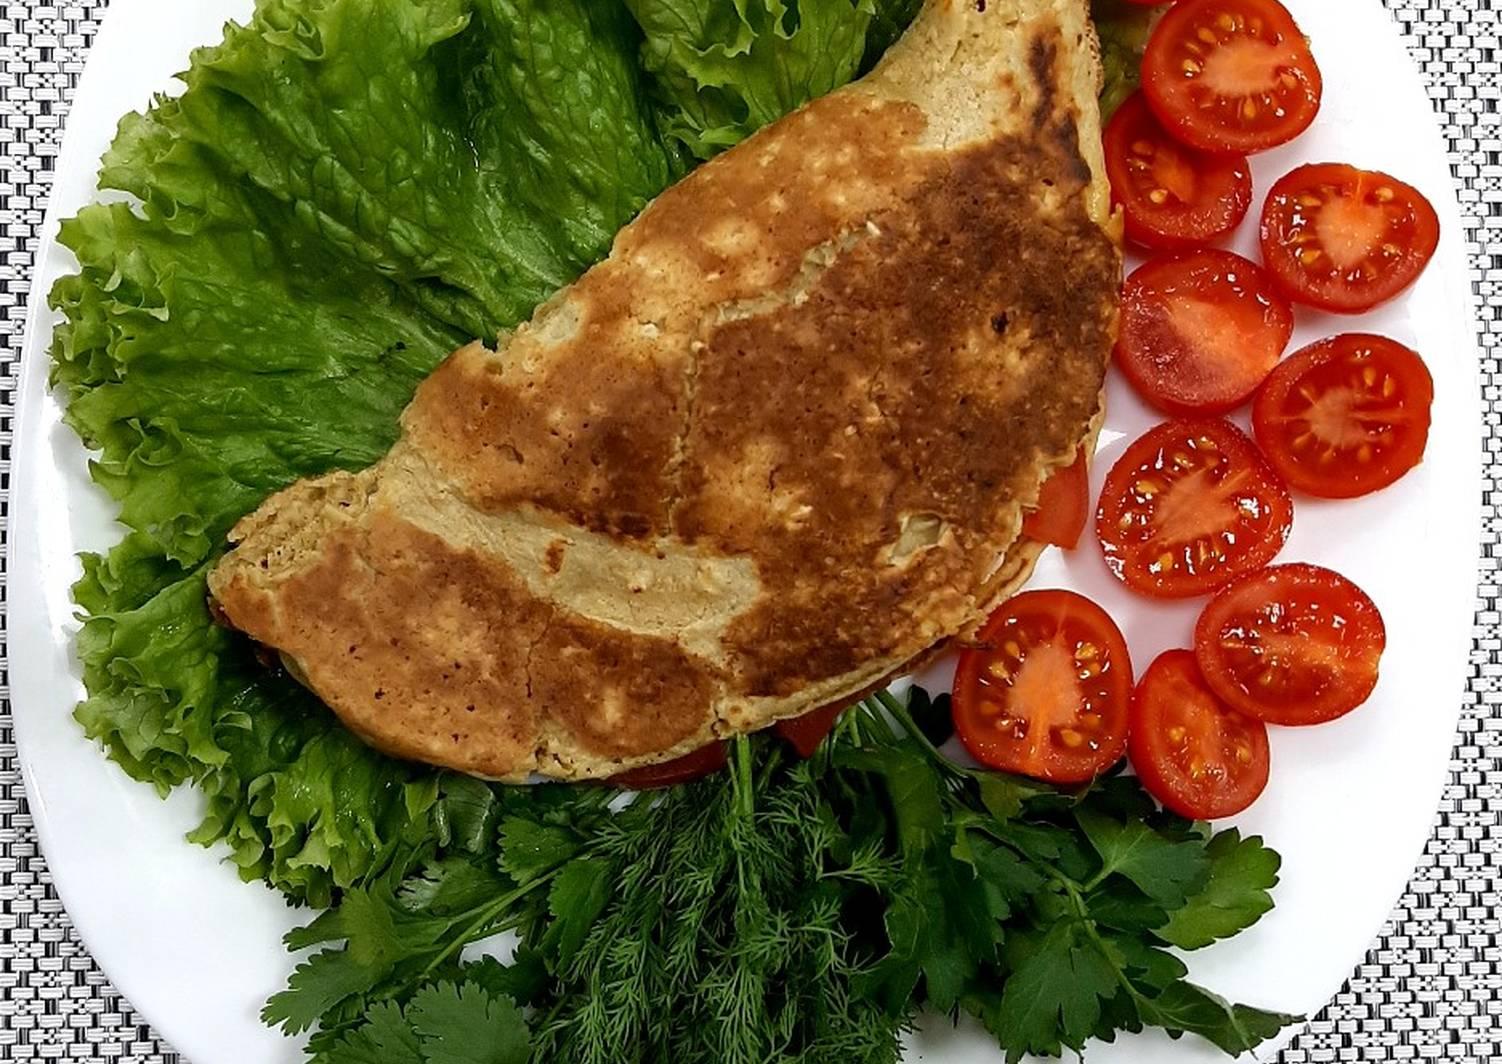 Что такое овсяноблин и как его готовить. самые вкусные рецепты для правильного питания